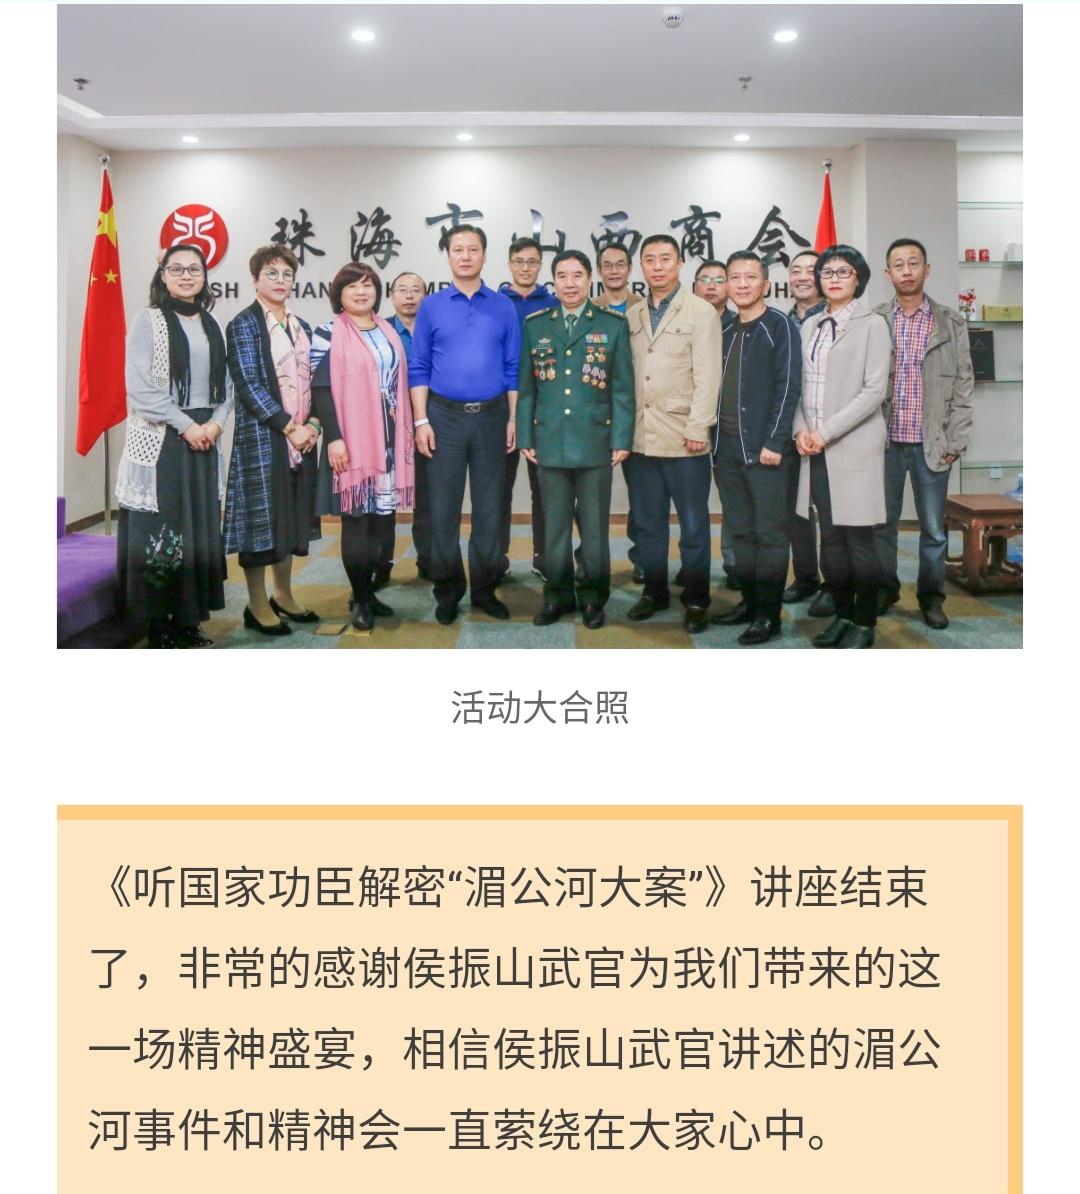 湄公河大案:江海峰会见蒙洪,不料蒙洪说出坎里拉藏身地点